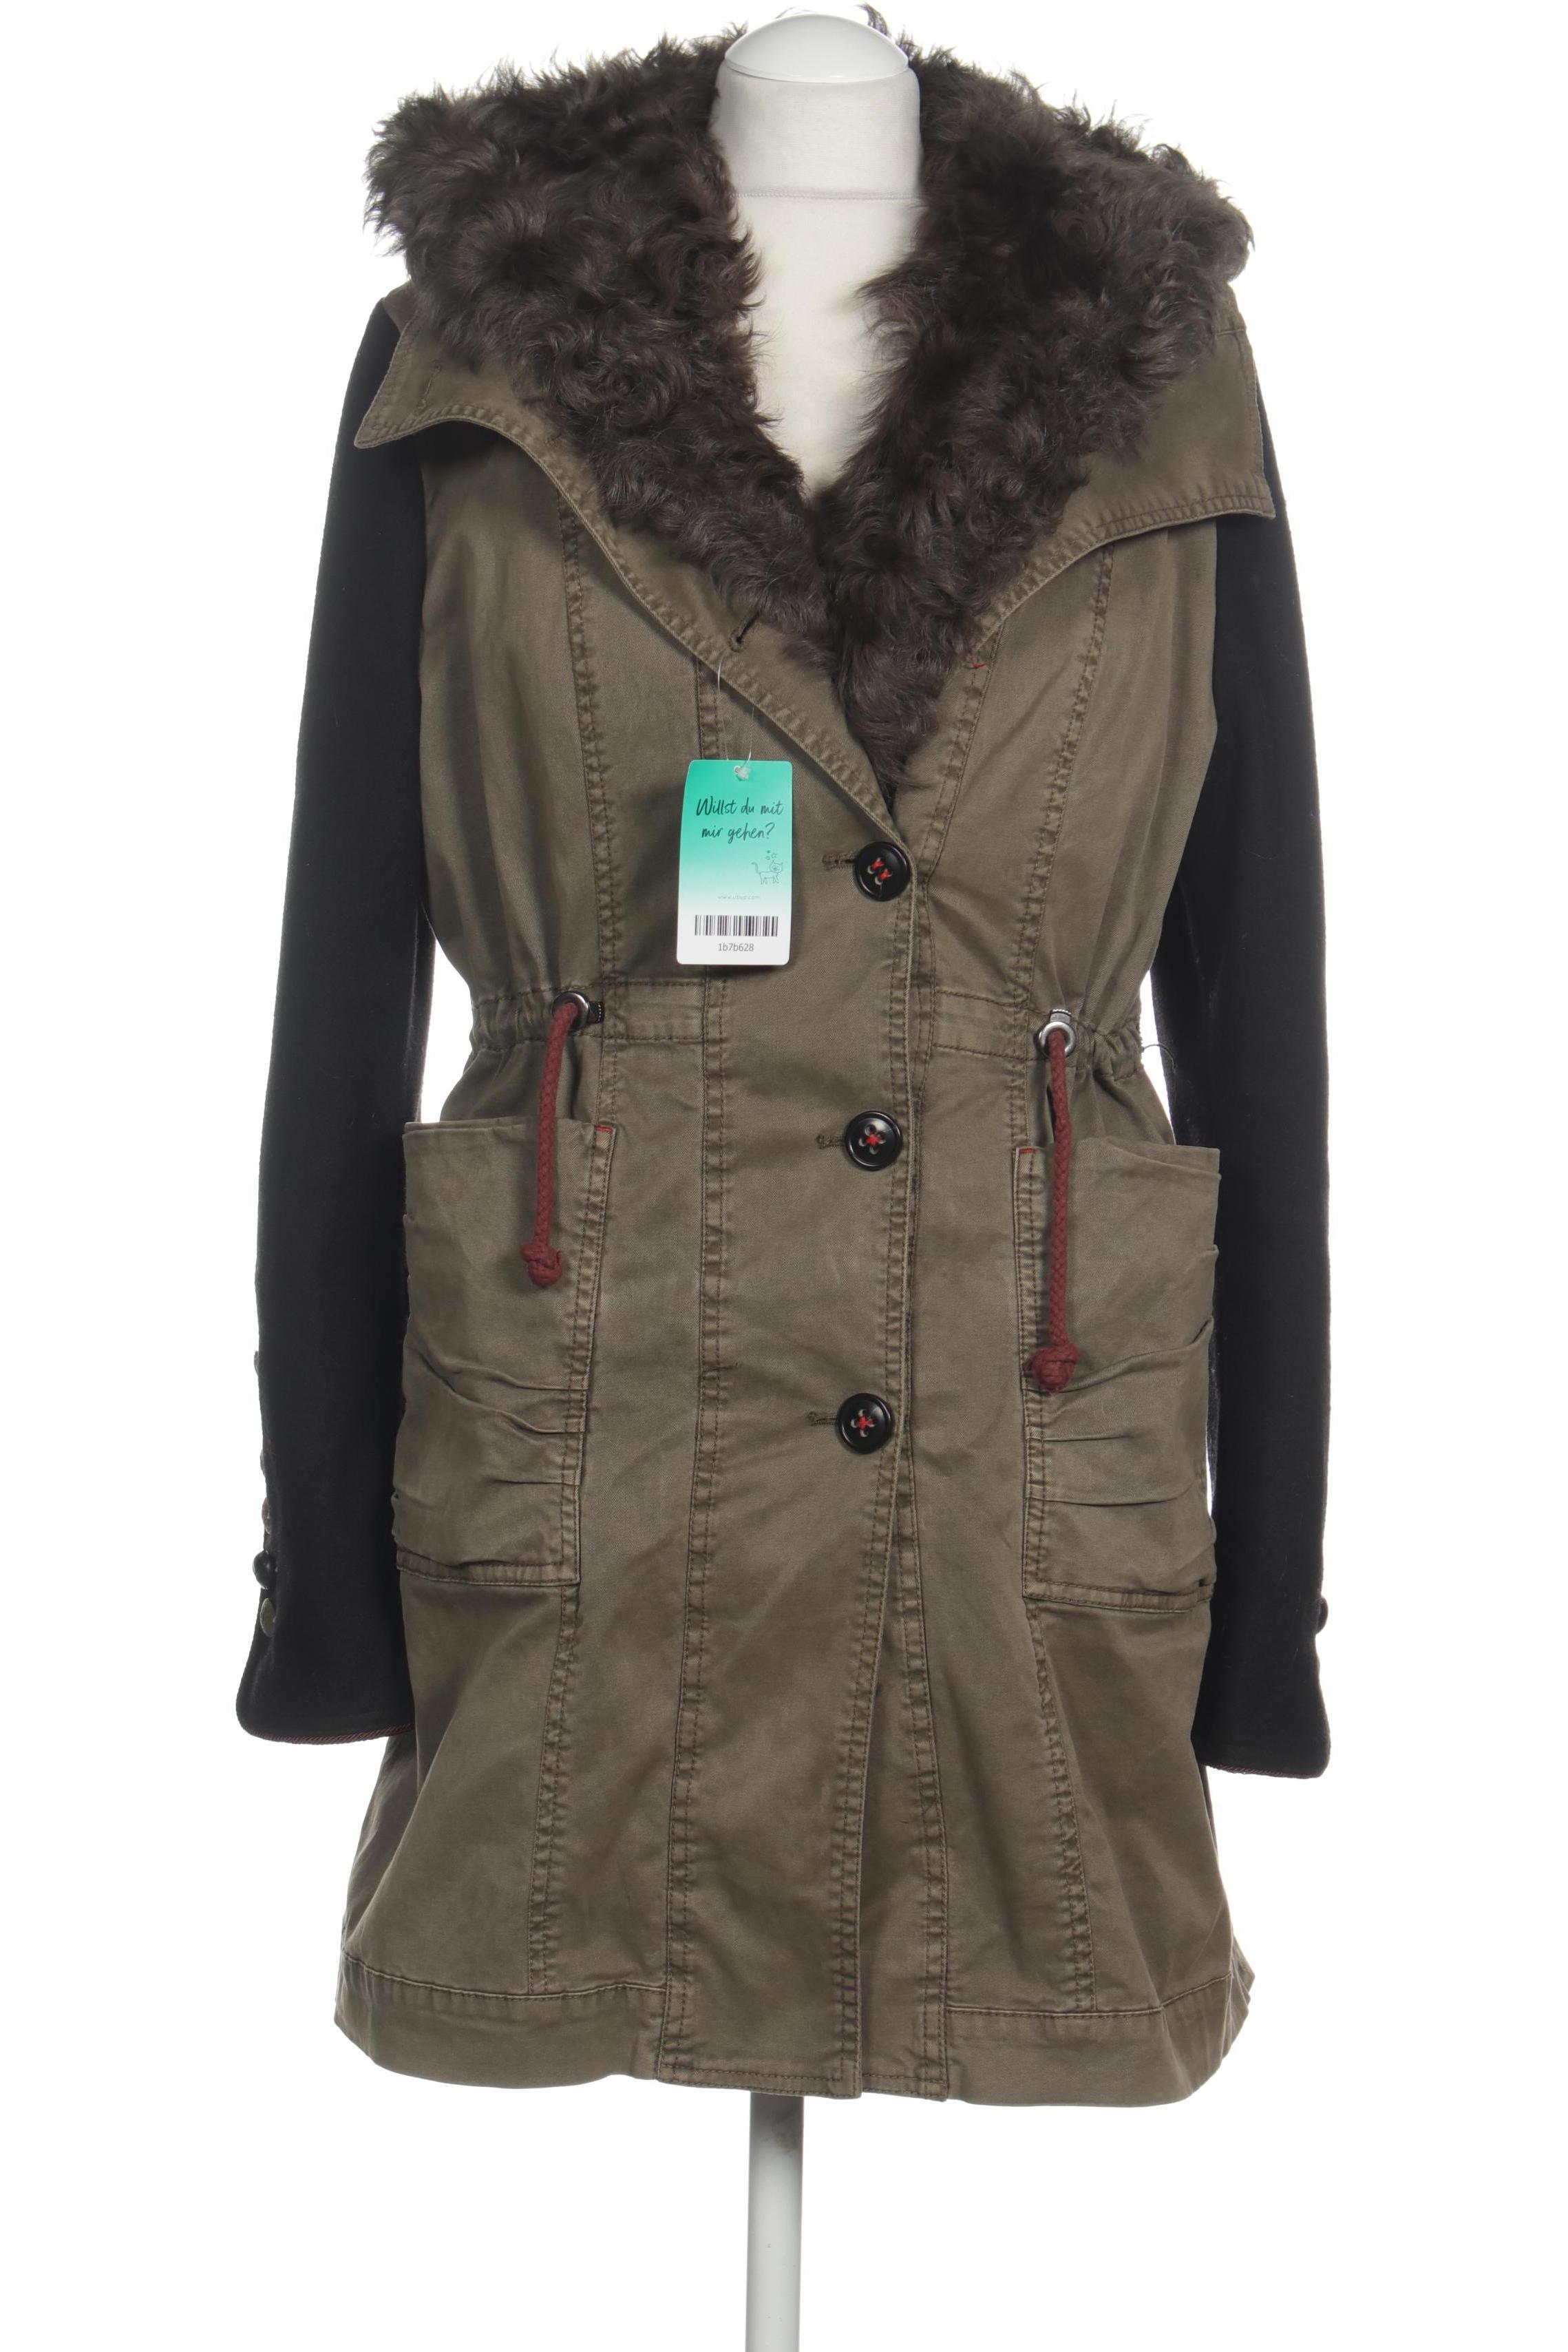 Blonde No.8 MORI 515 • Real Fur Jacket • Black